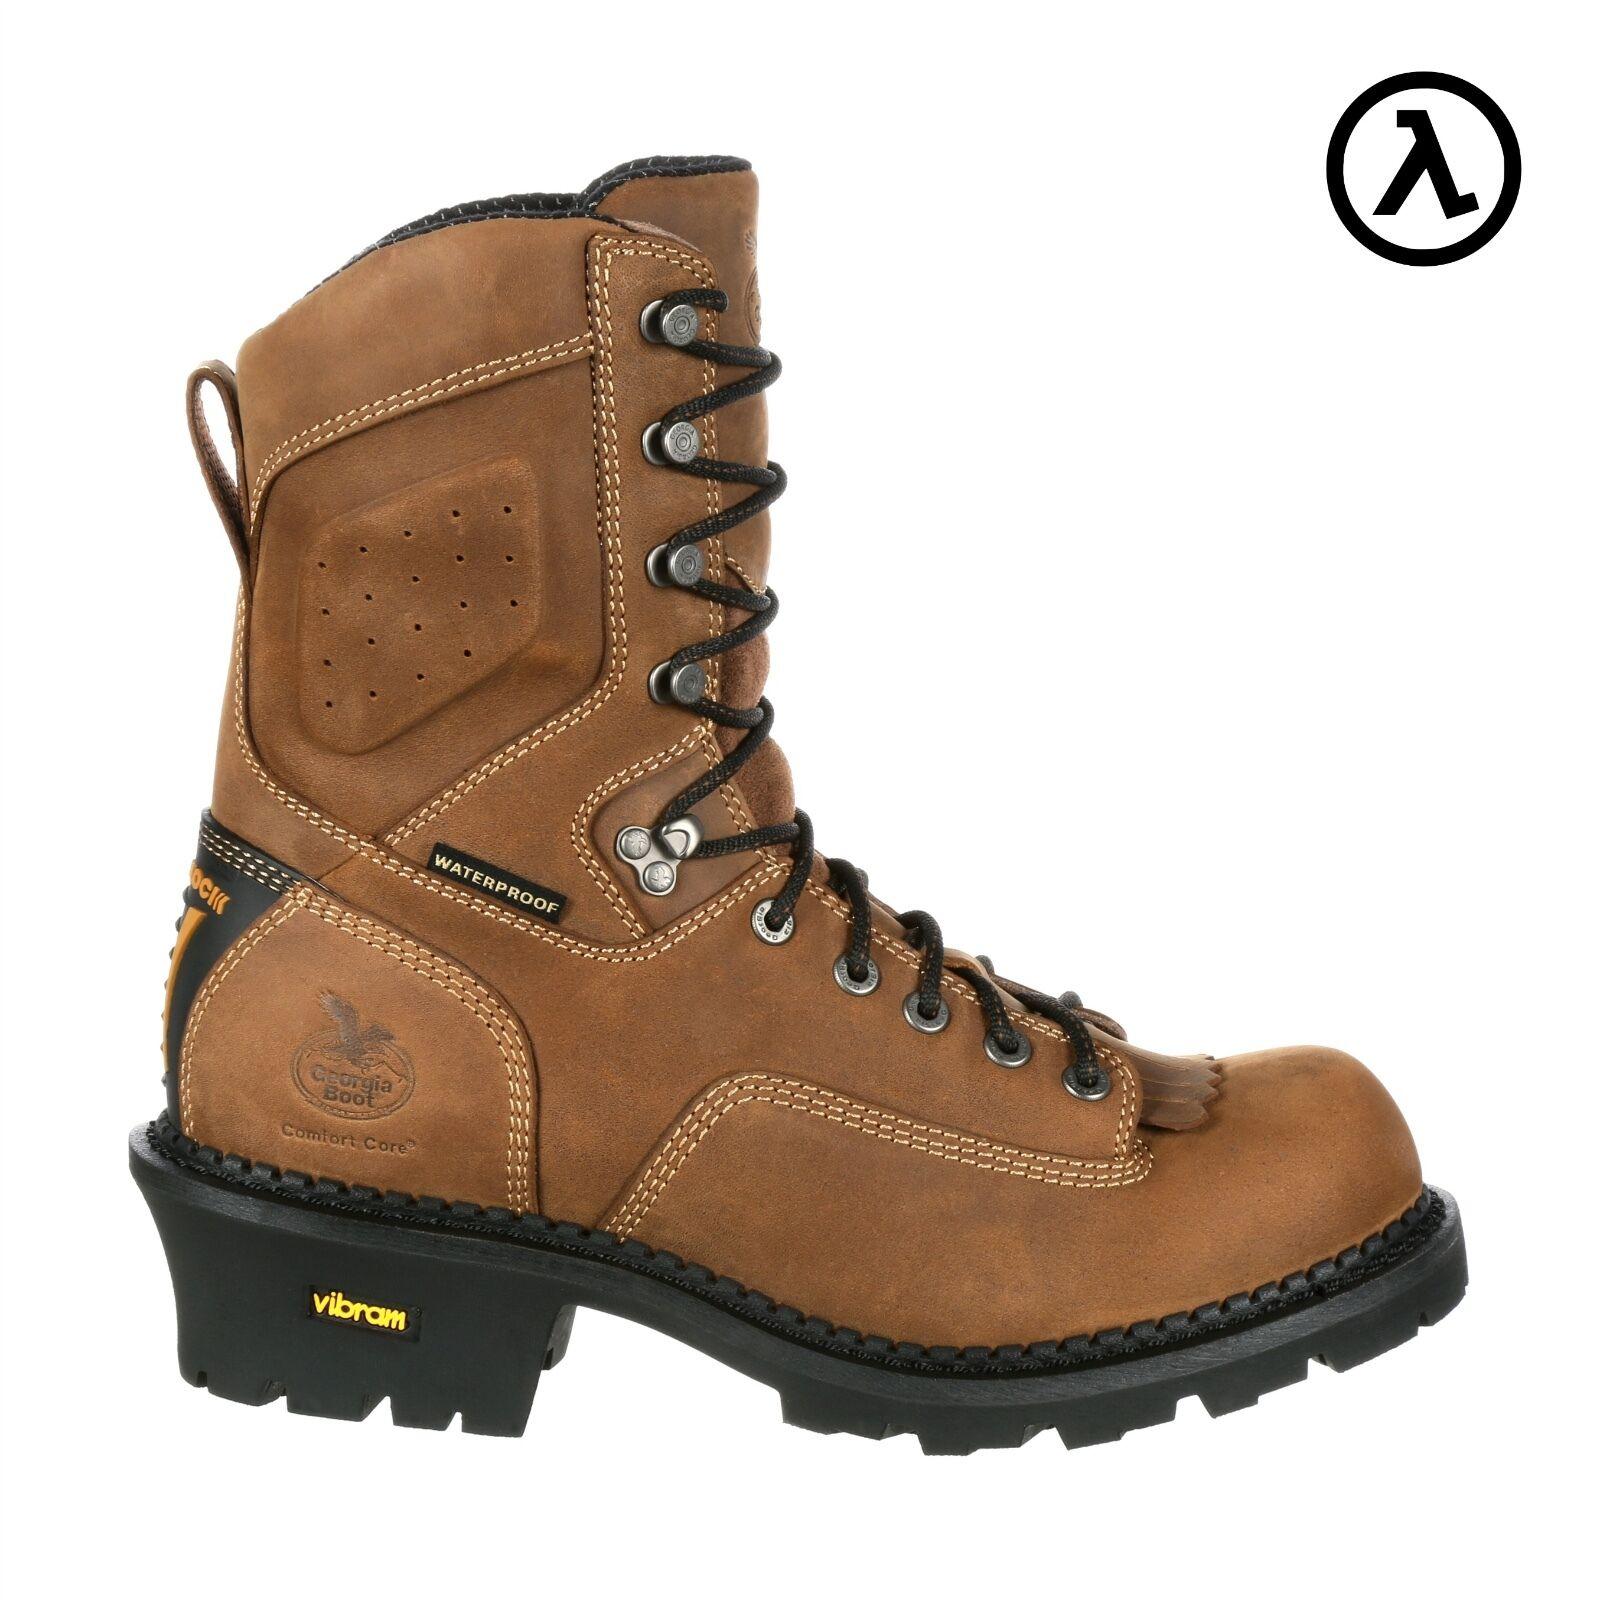 GEORGIA COMFORT Core registrador Impermeable botas De Trabajo GB00096  todos Los Tamaños-M w 8-13